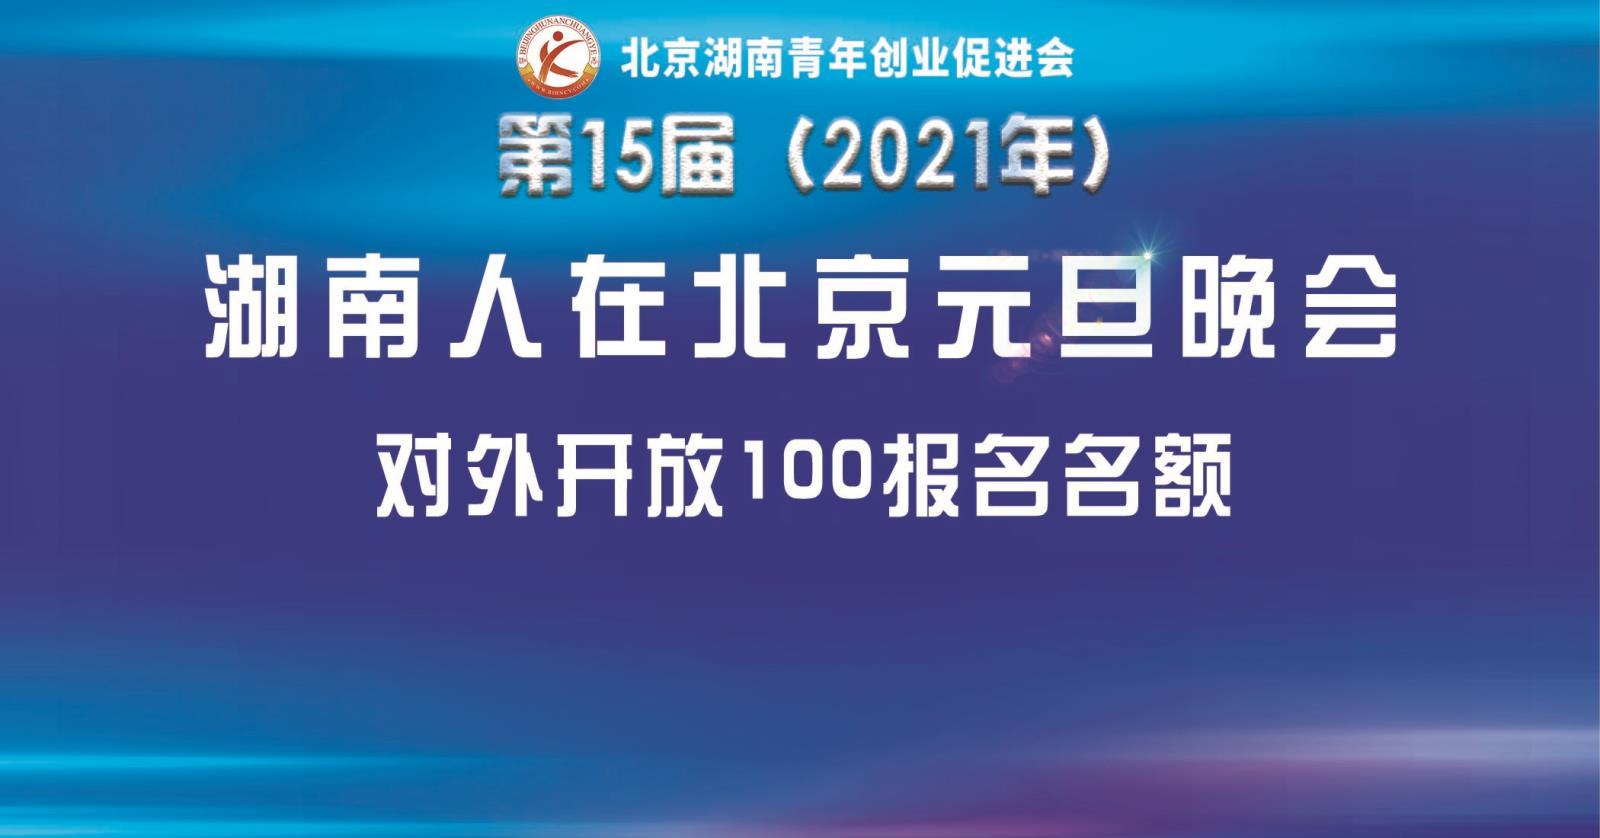 2021年竞技宝最新版在竞技宝app官方元旦晚会开始报名!